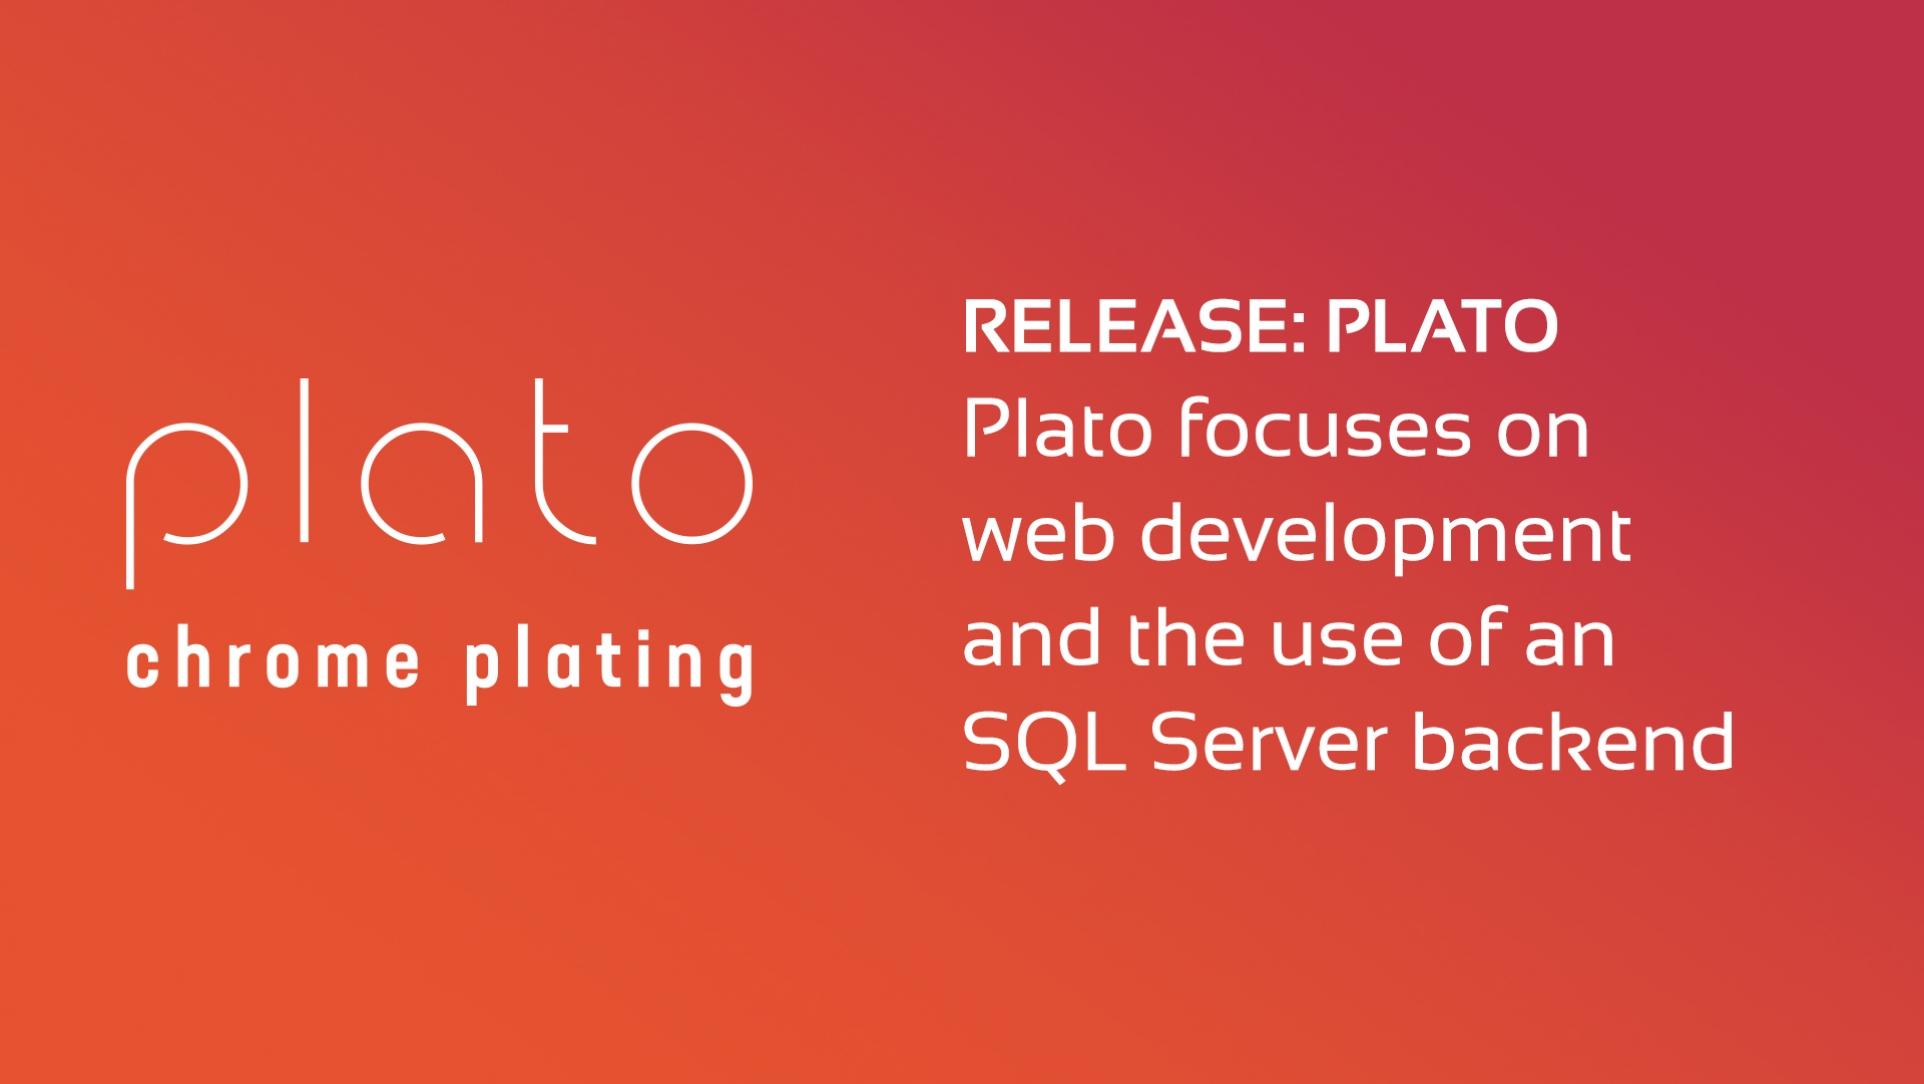 Plato Sample DataFlex App Released!